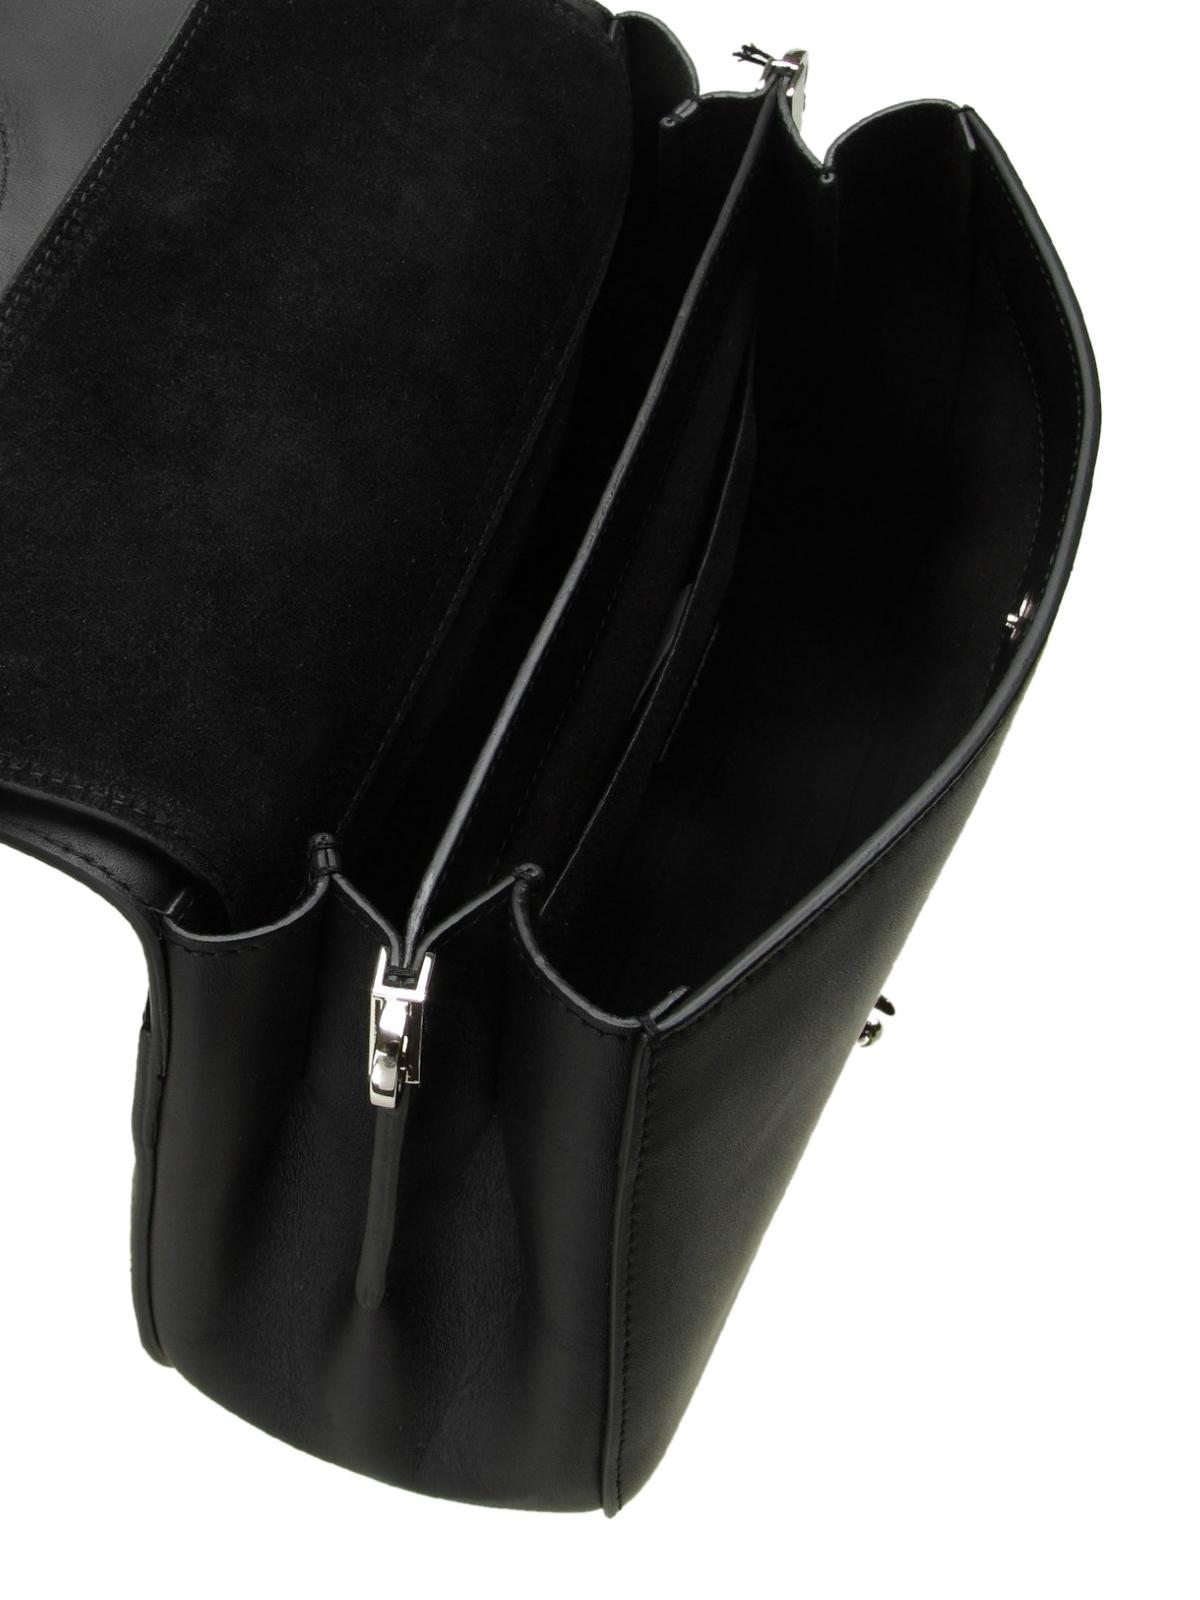 f25f4f4242 Furla - Small Margherita black leather shoulder bag - shoulder bags ...